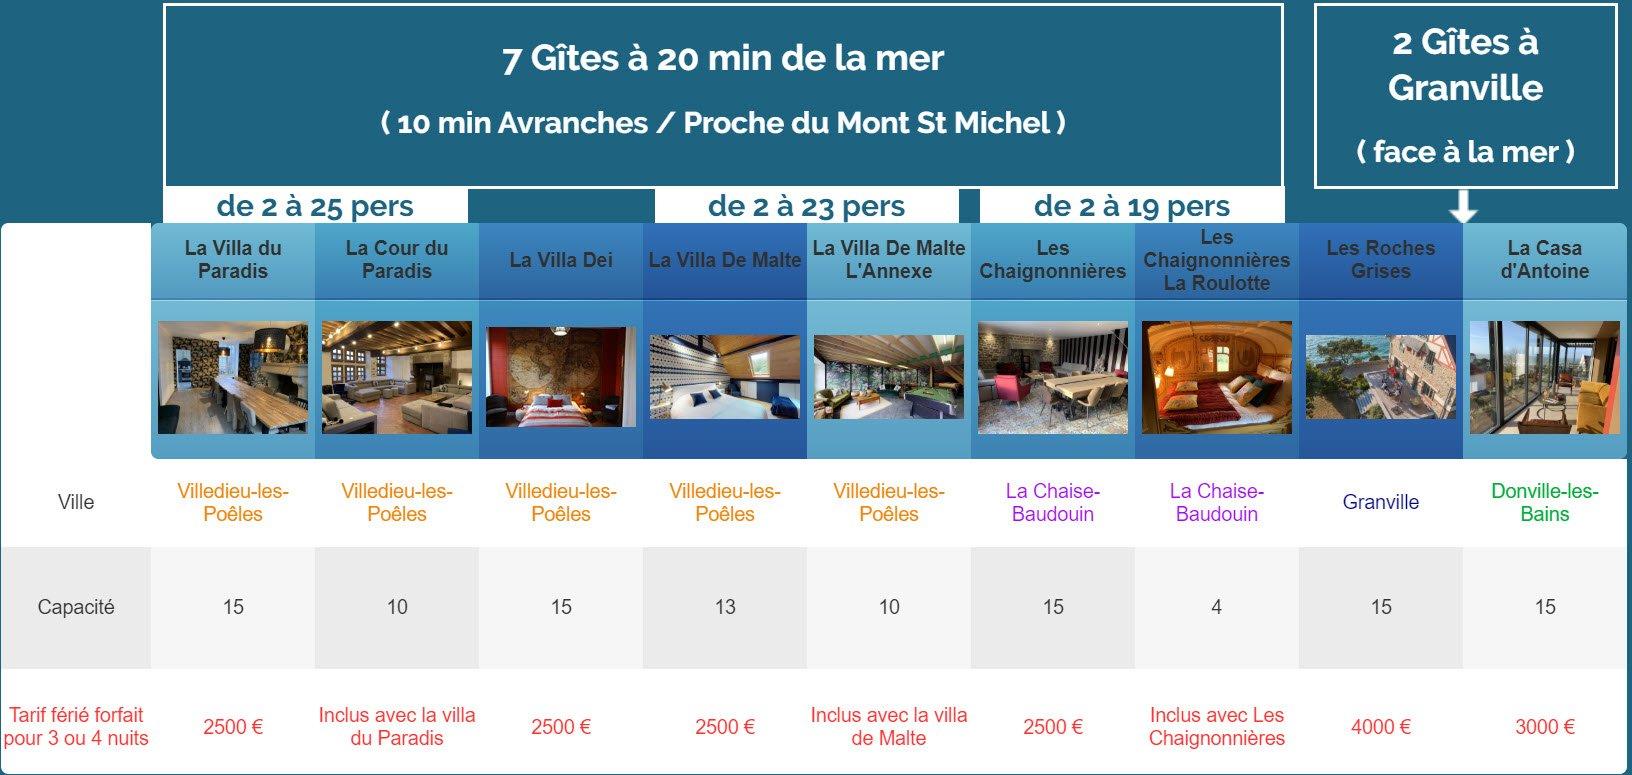 feriee nouveaux gites - Tarifs - Location de Gite La Clef Decamp - Laclefdecamp.fr